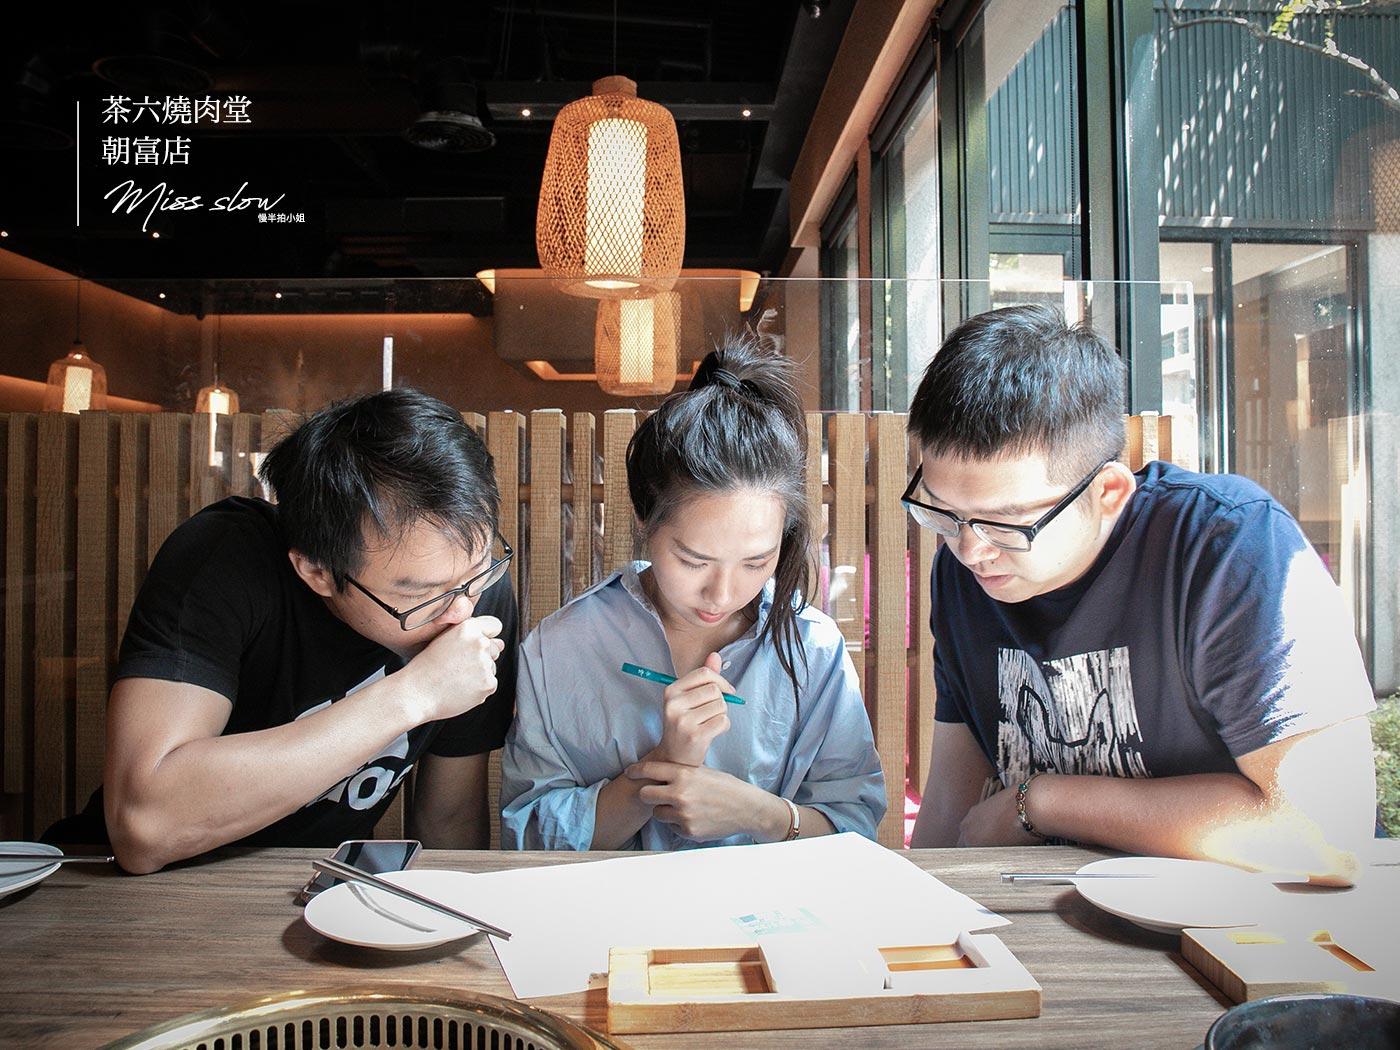 茶六燒肉堂朝富店 6人座桌面看菜單